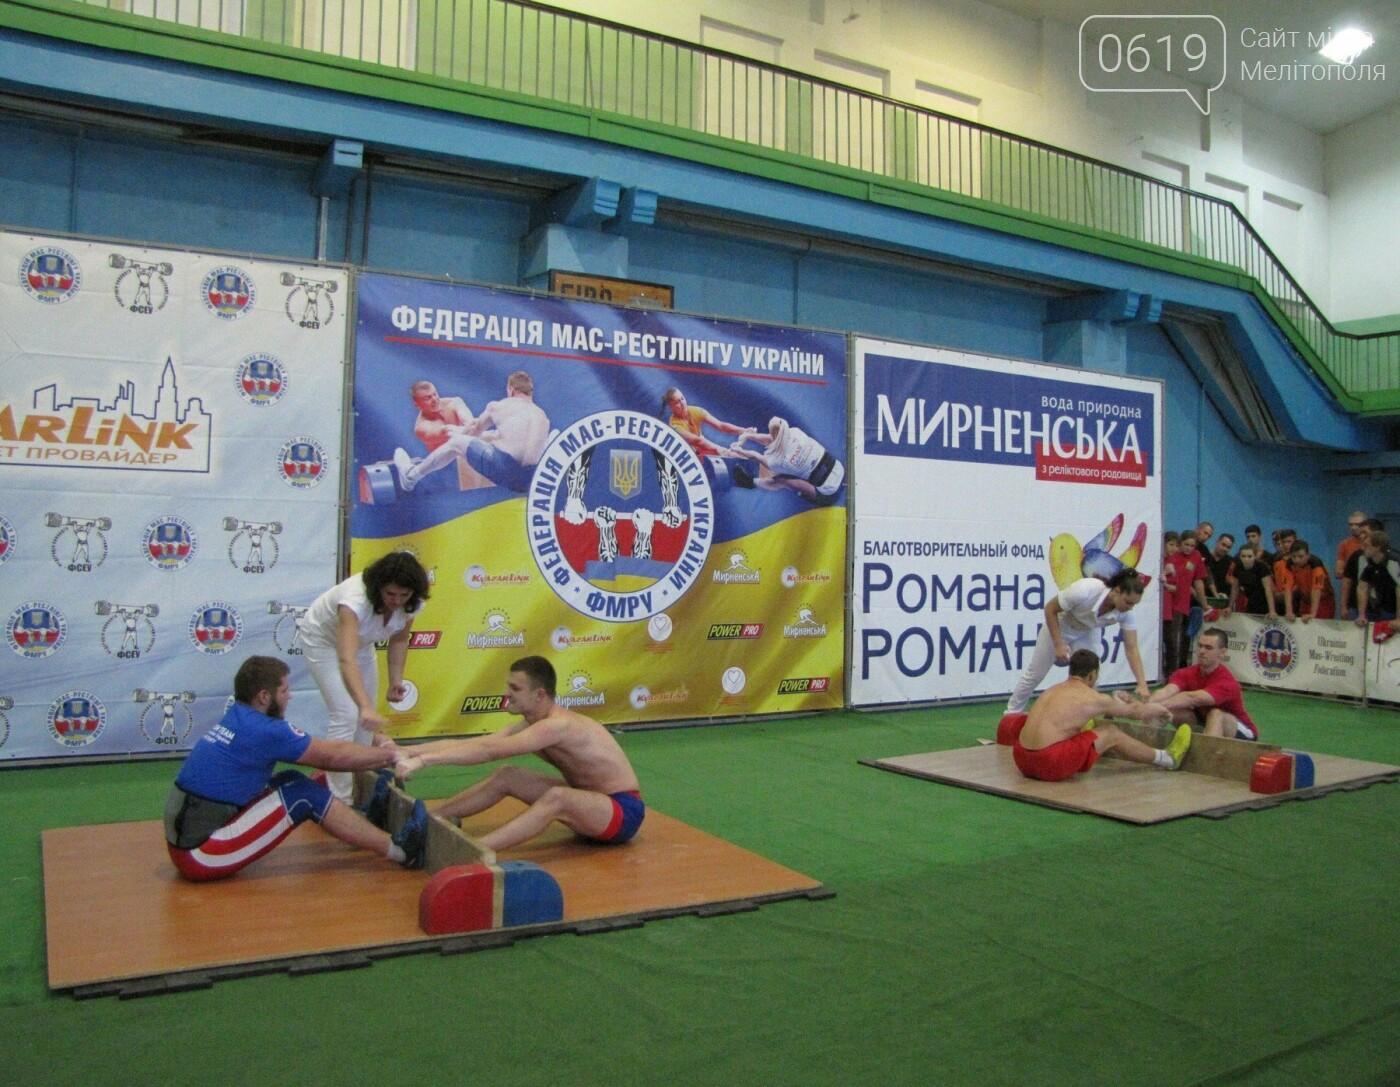 В Мелитополе на одном помосте сражались новички и титулованные мас-рестлеры , фото-24